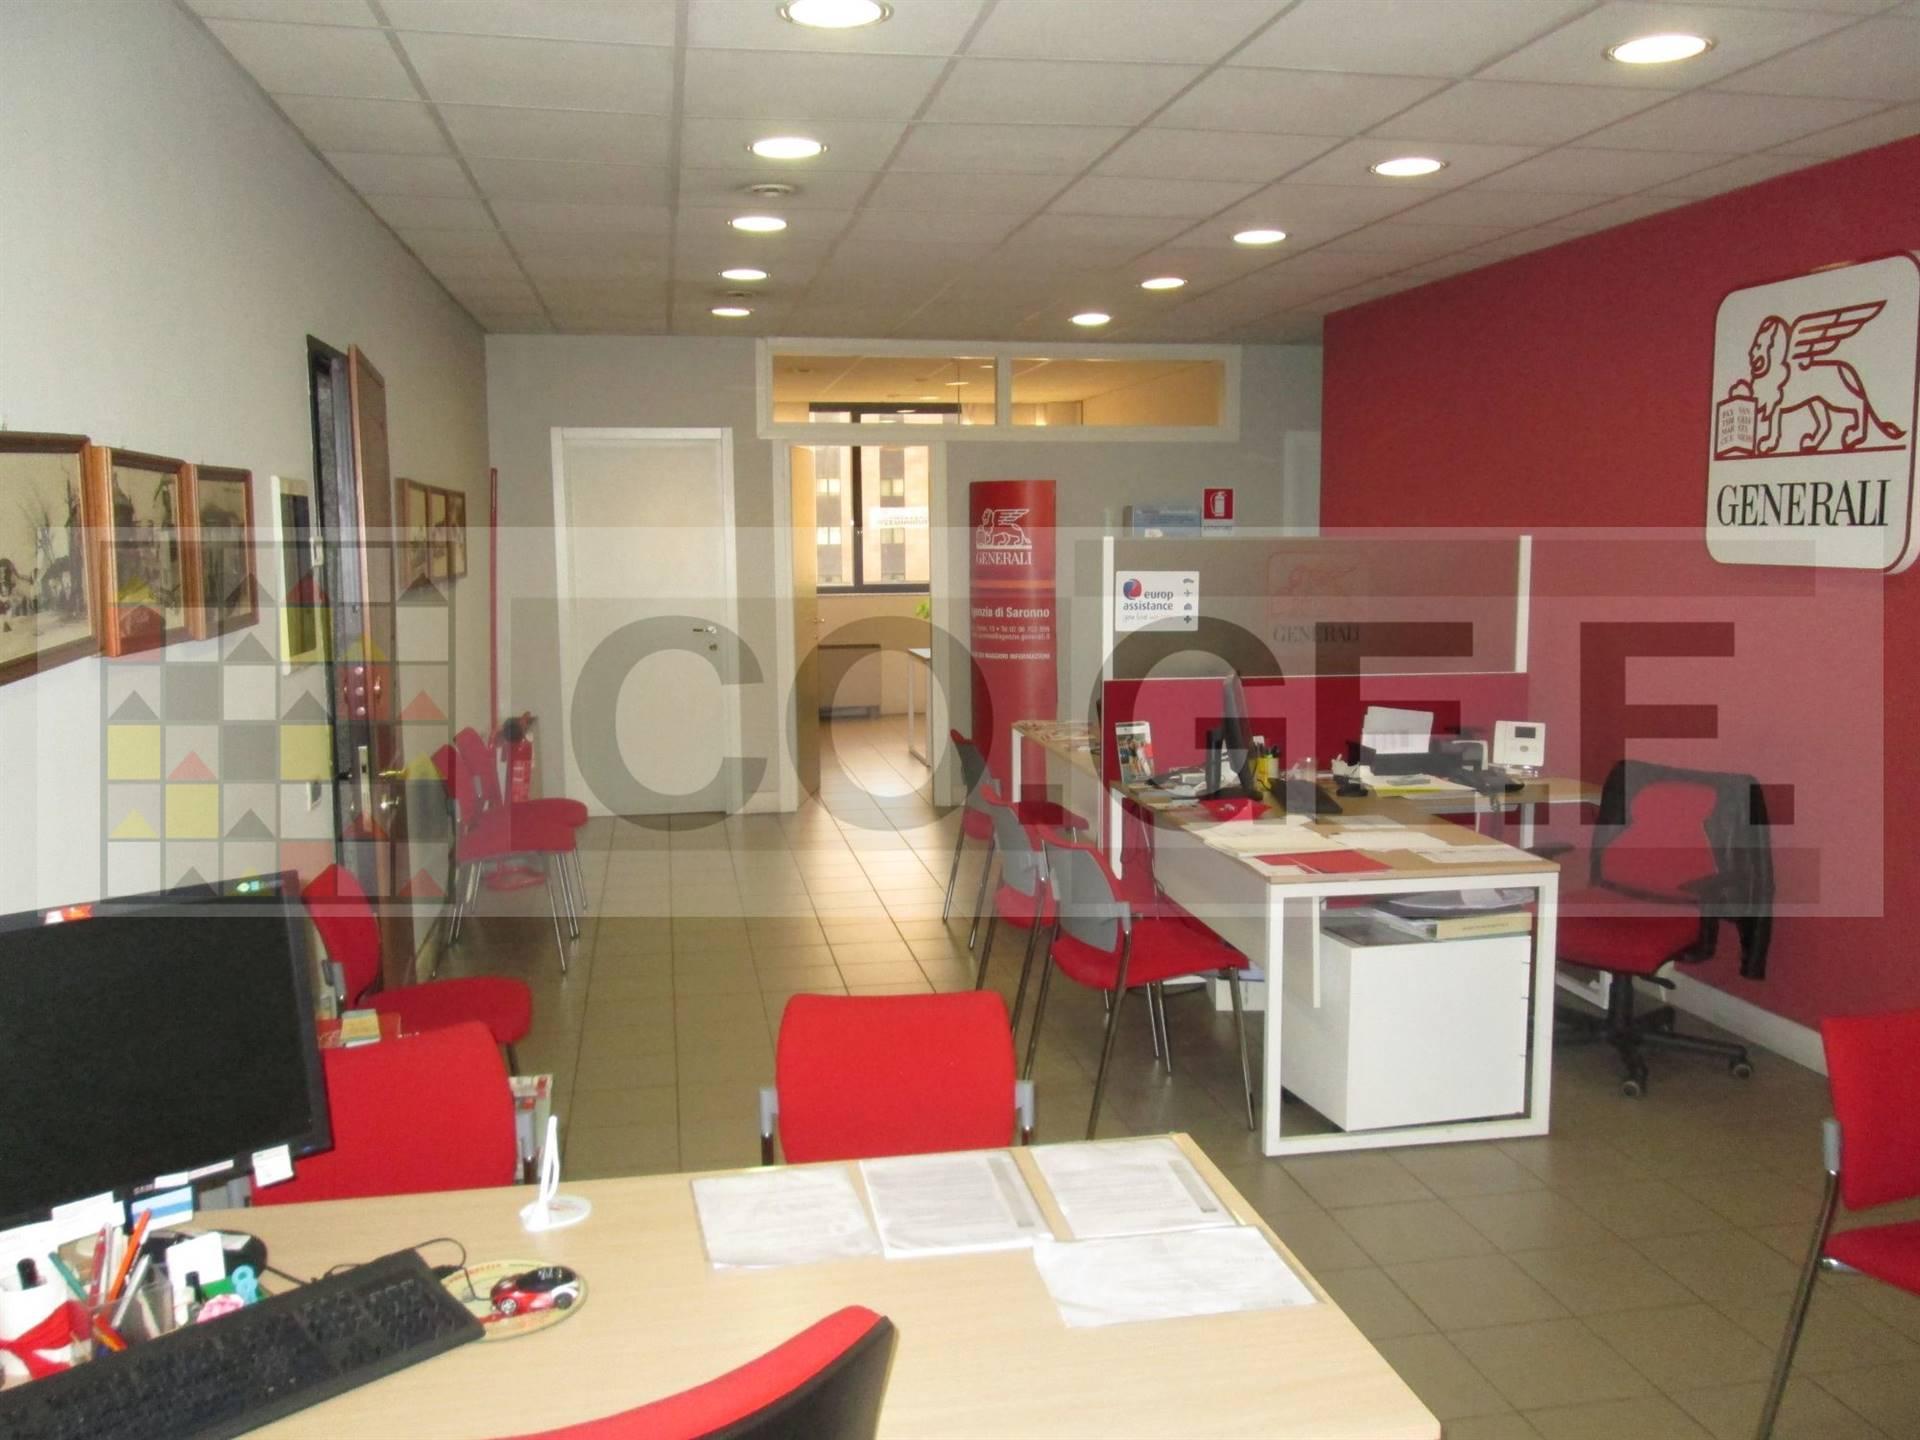 Ufficio / Studio in affitto a Saronno, 8 locali, zona Località: CENTRO- STAZIONE, prezzo € 1.670 | CambioCasa.it